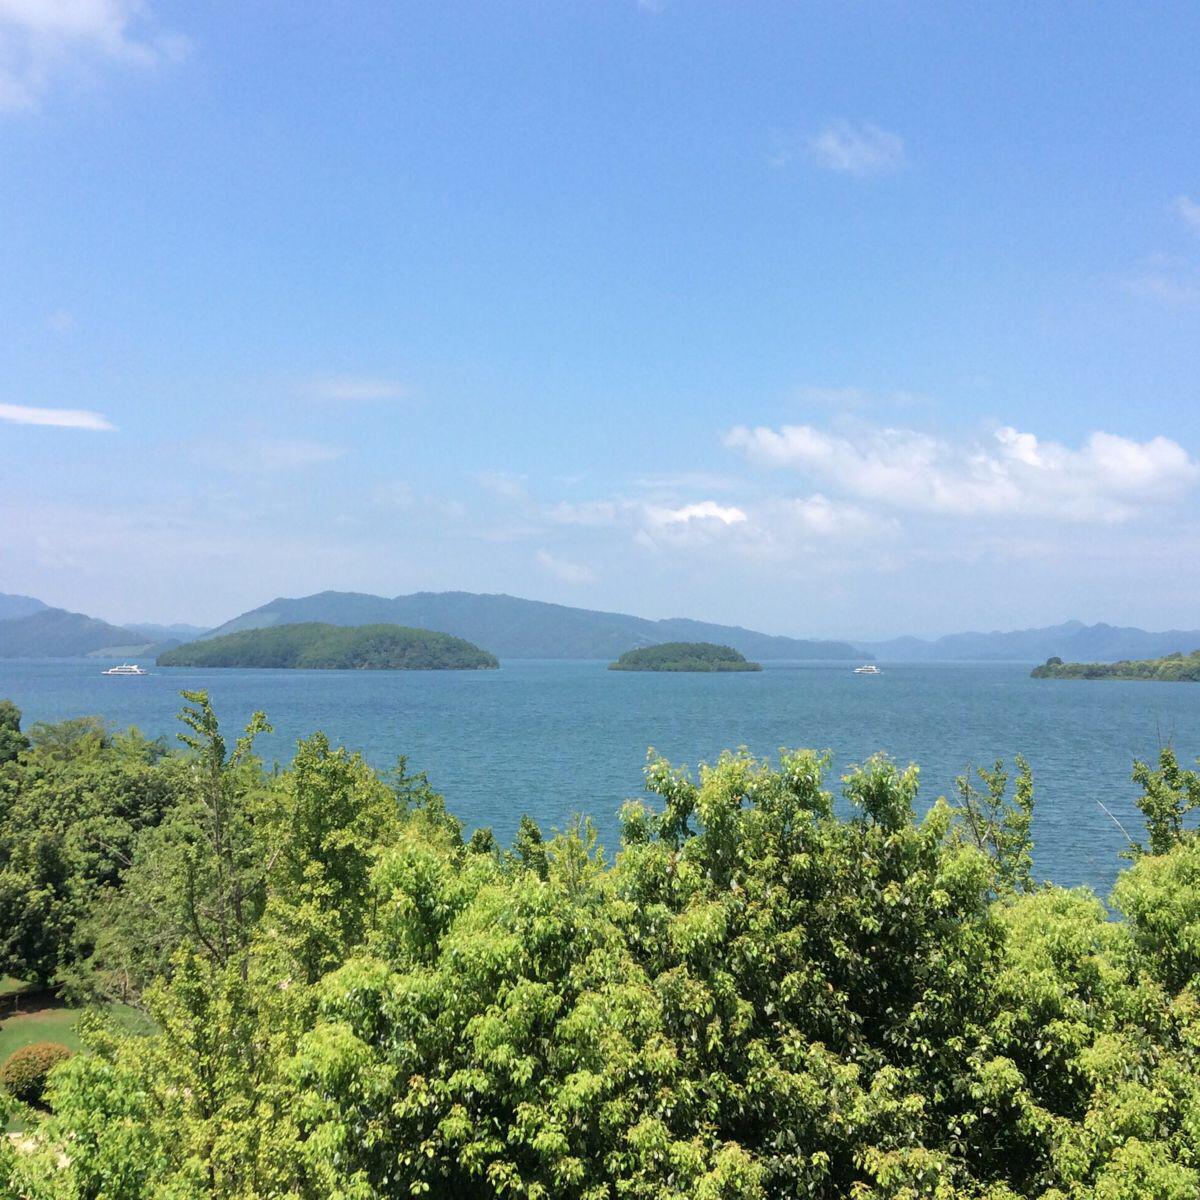 千岛湖-满眼尽是翠绿碧 - 千岛湖游记攻略【携程攻略】